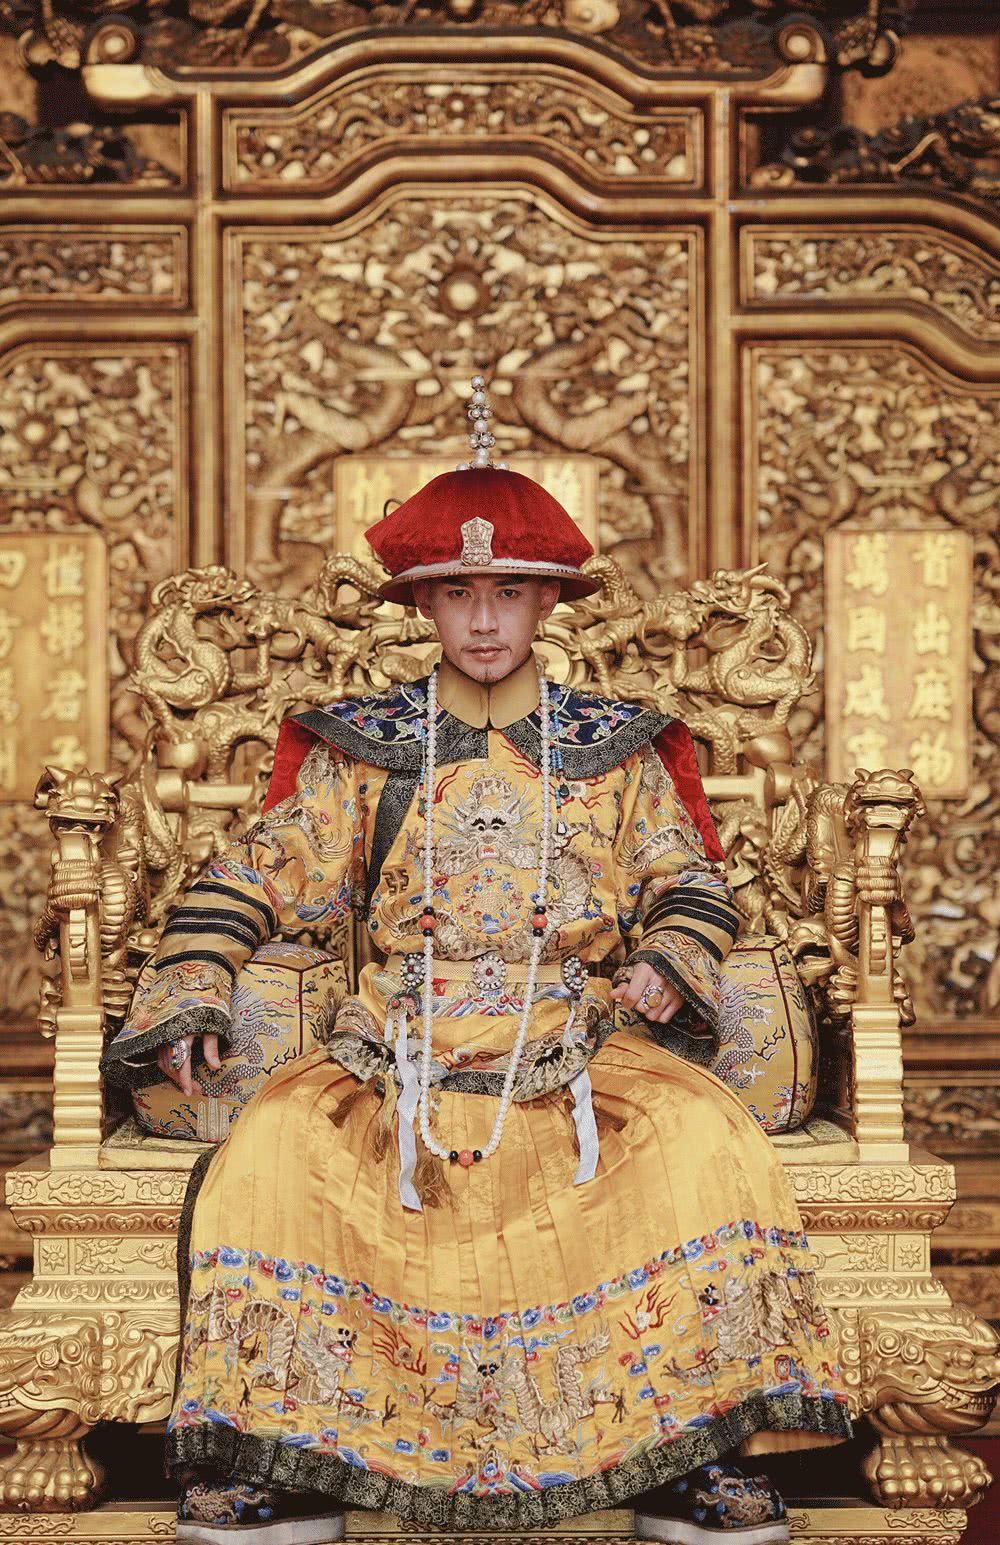 古代皇帝平均寿命不到40岁,为何单单乾隆皇帝能活到89岁